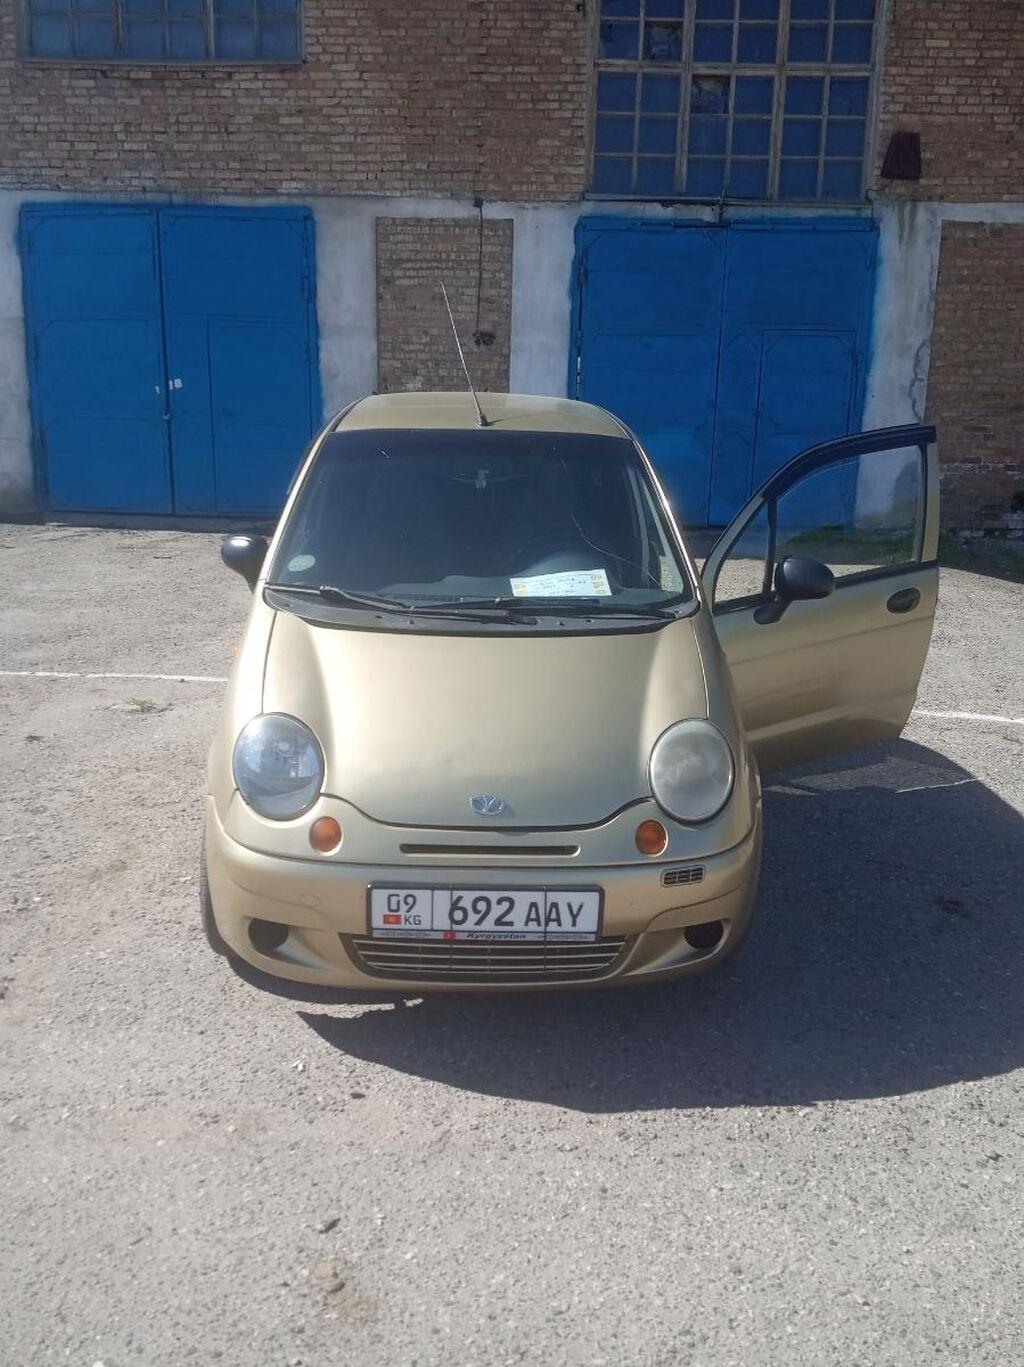 Daewoo Matiz 0.8 л. 2007 | 0 км